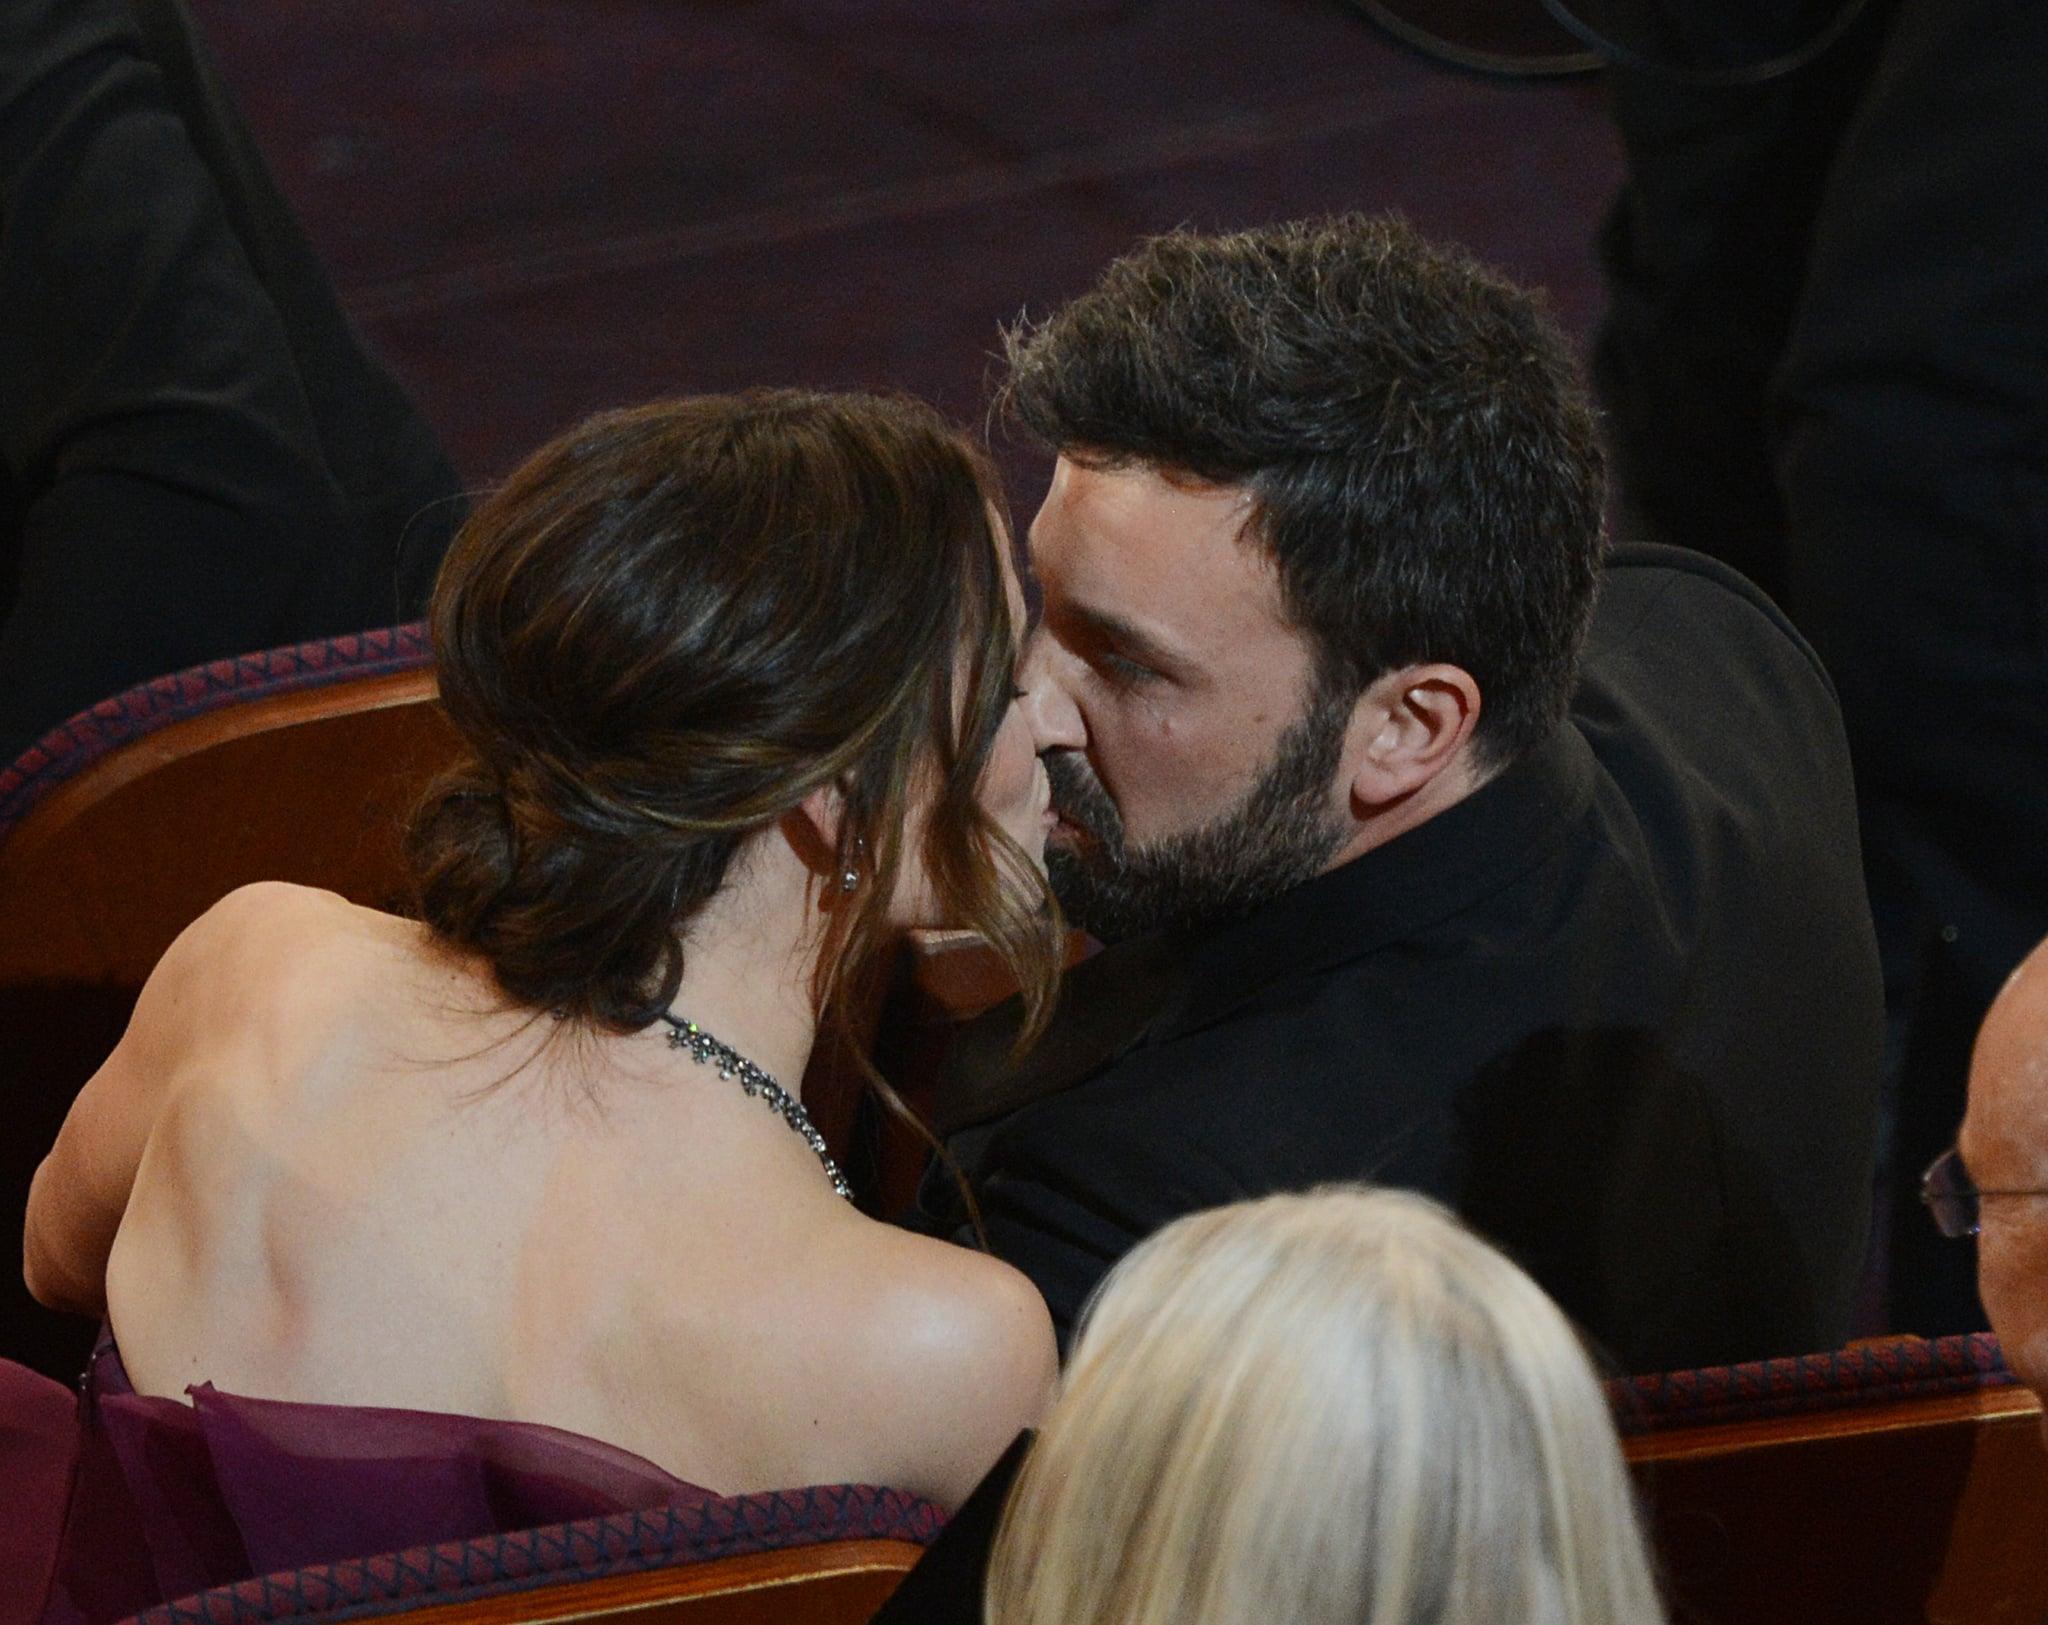 Jennifer Garner and Ben Affleck shared a kiss.